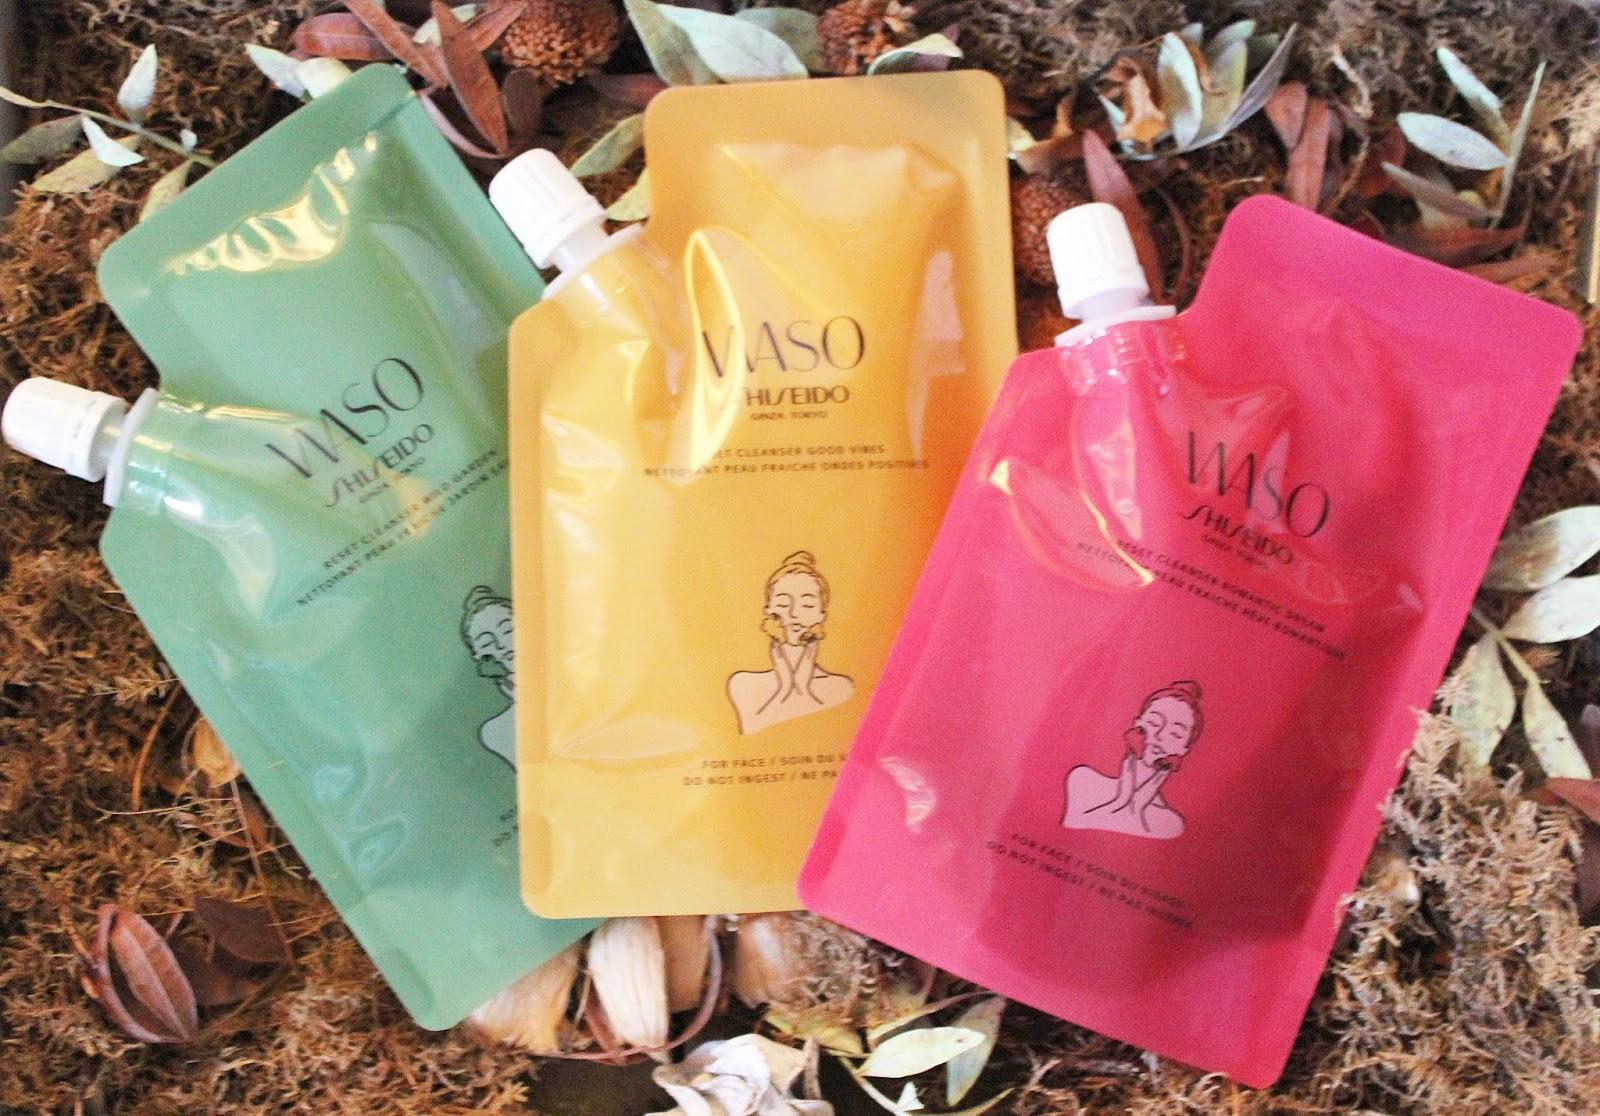 5-productos-belleza-waso-shiseido-limpiador-facial